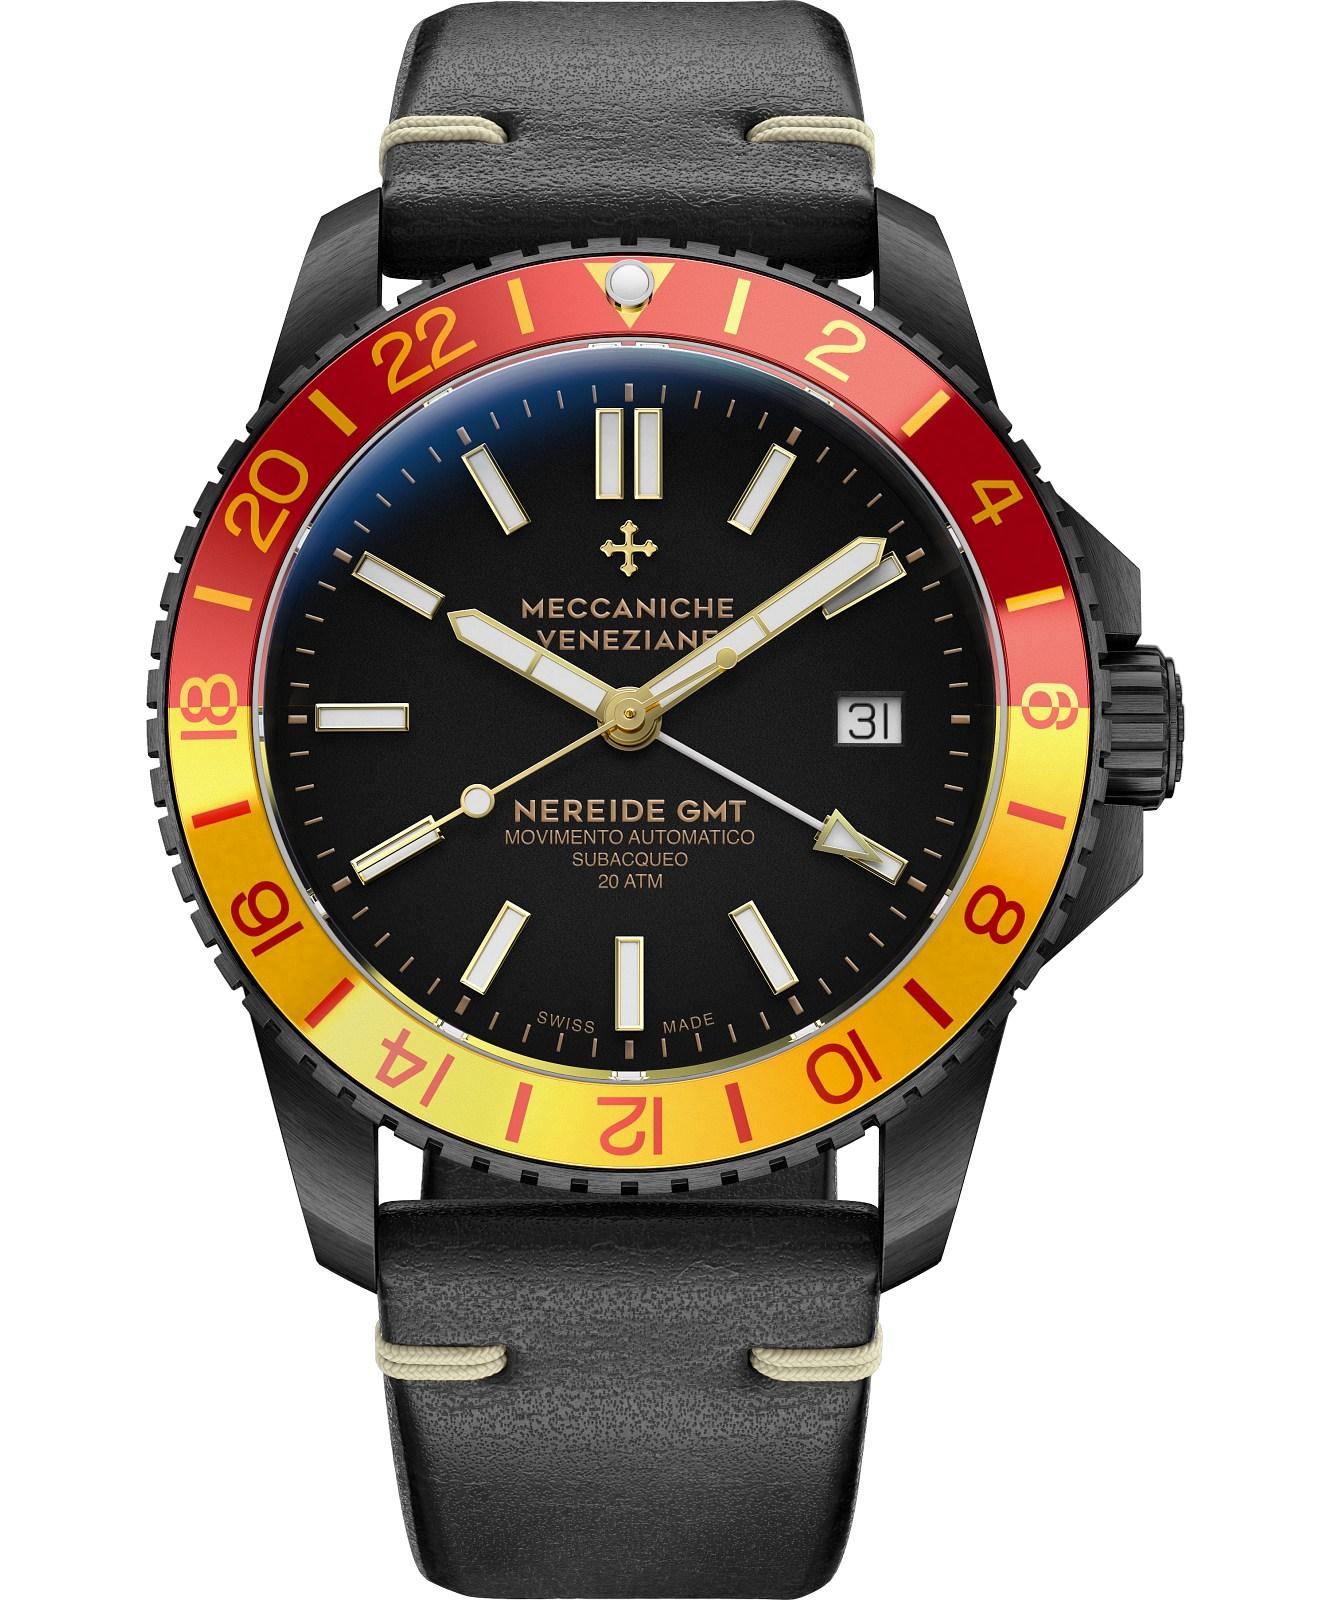 Zegarek męski Meccaniche Veneziane Nereide GMT San Marco PVD Automatic